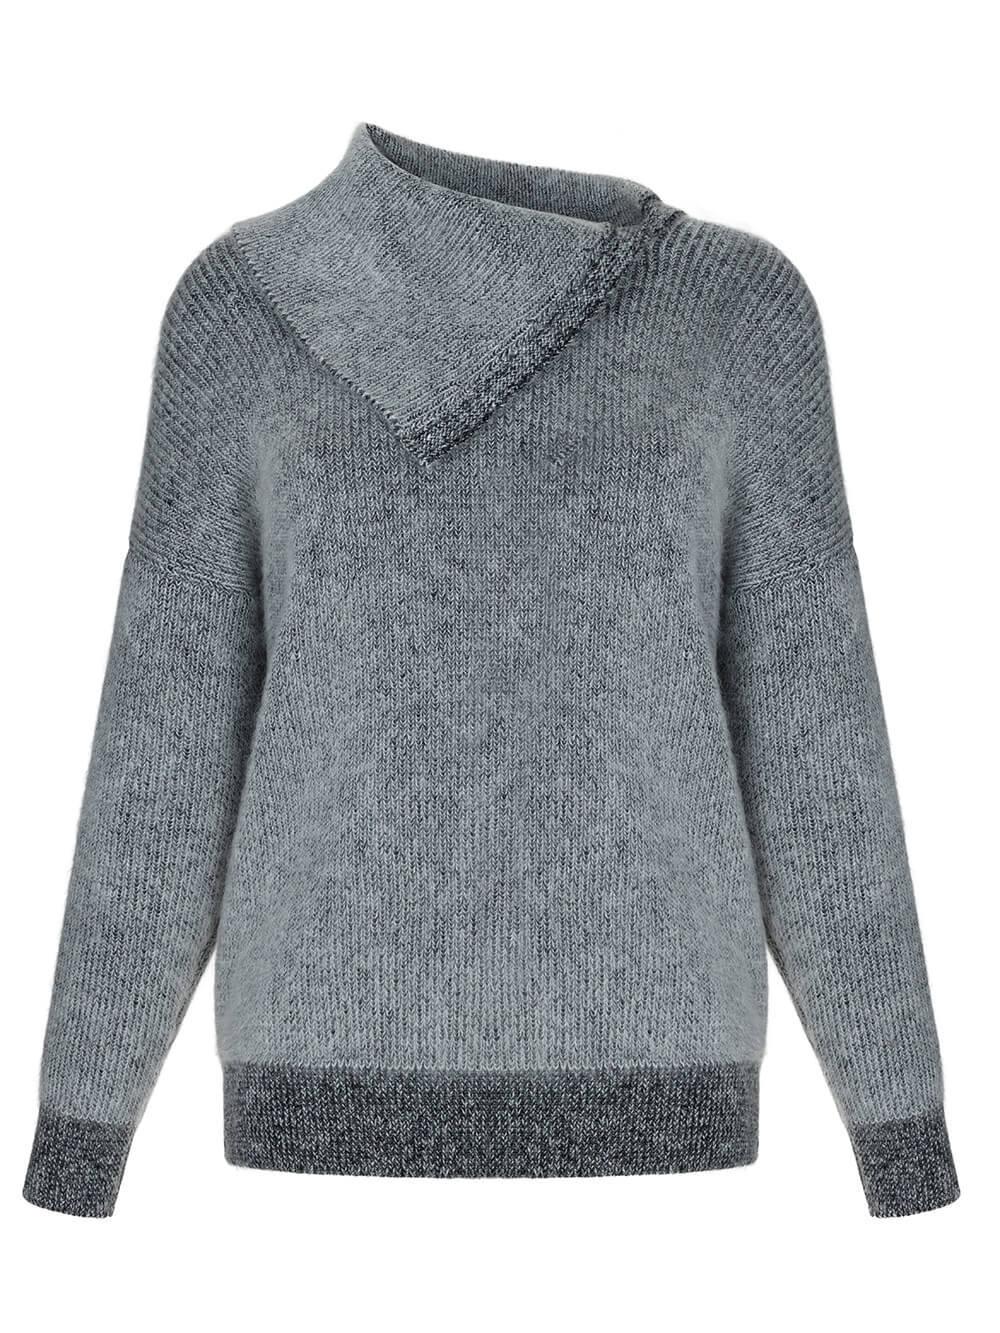 Женский свитер серого цвета из мохера и кашемира - фото 1